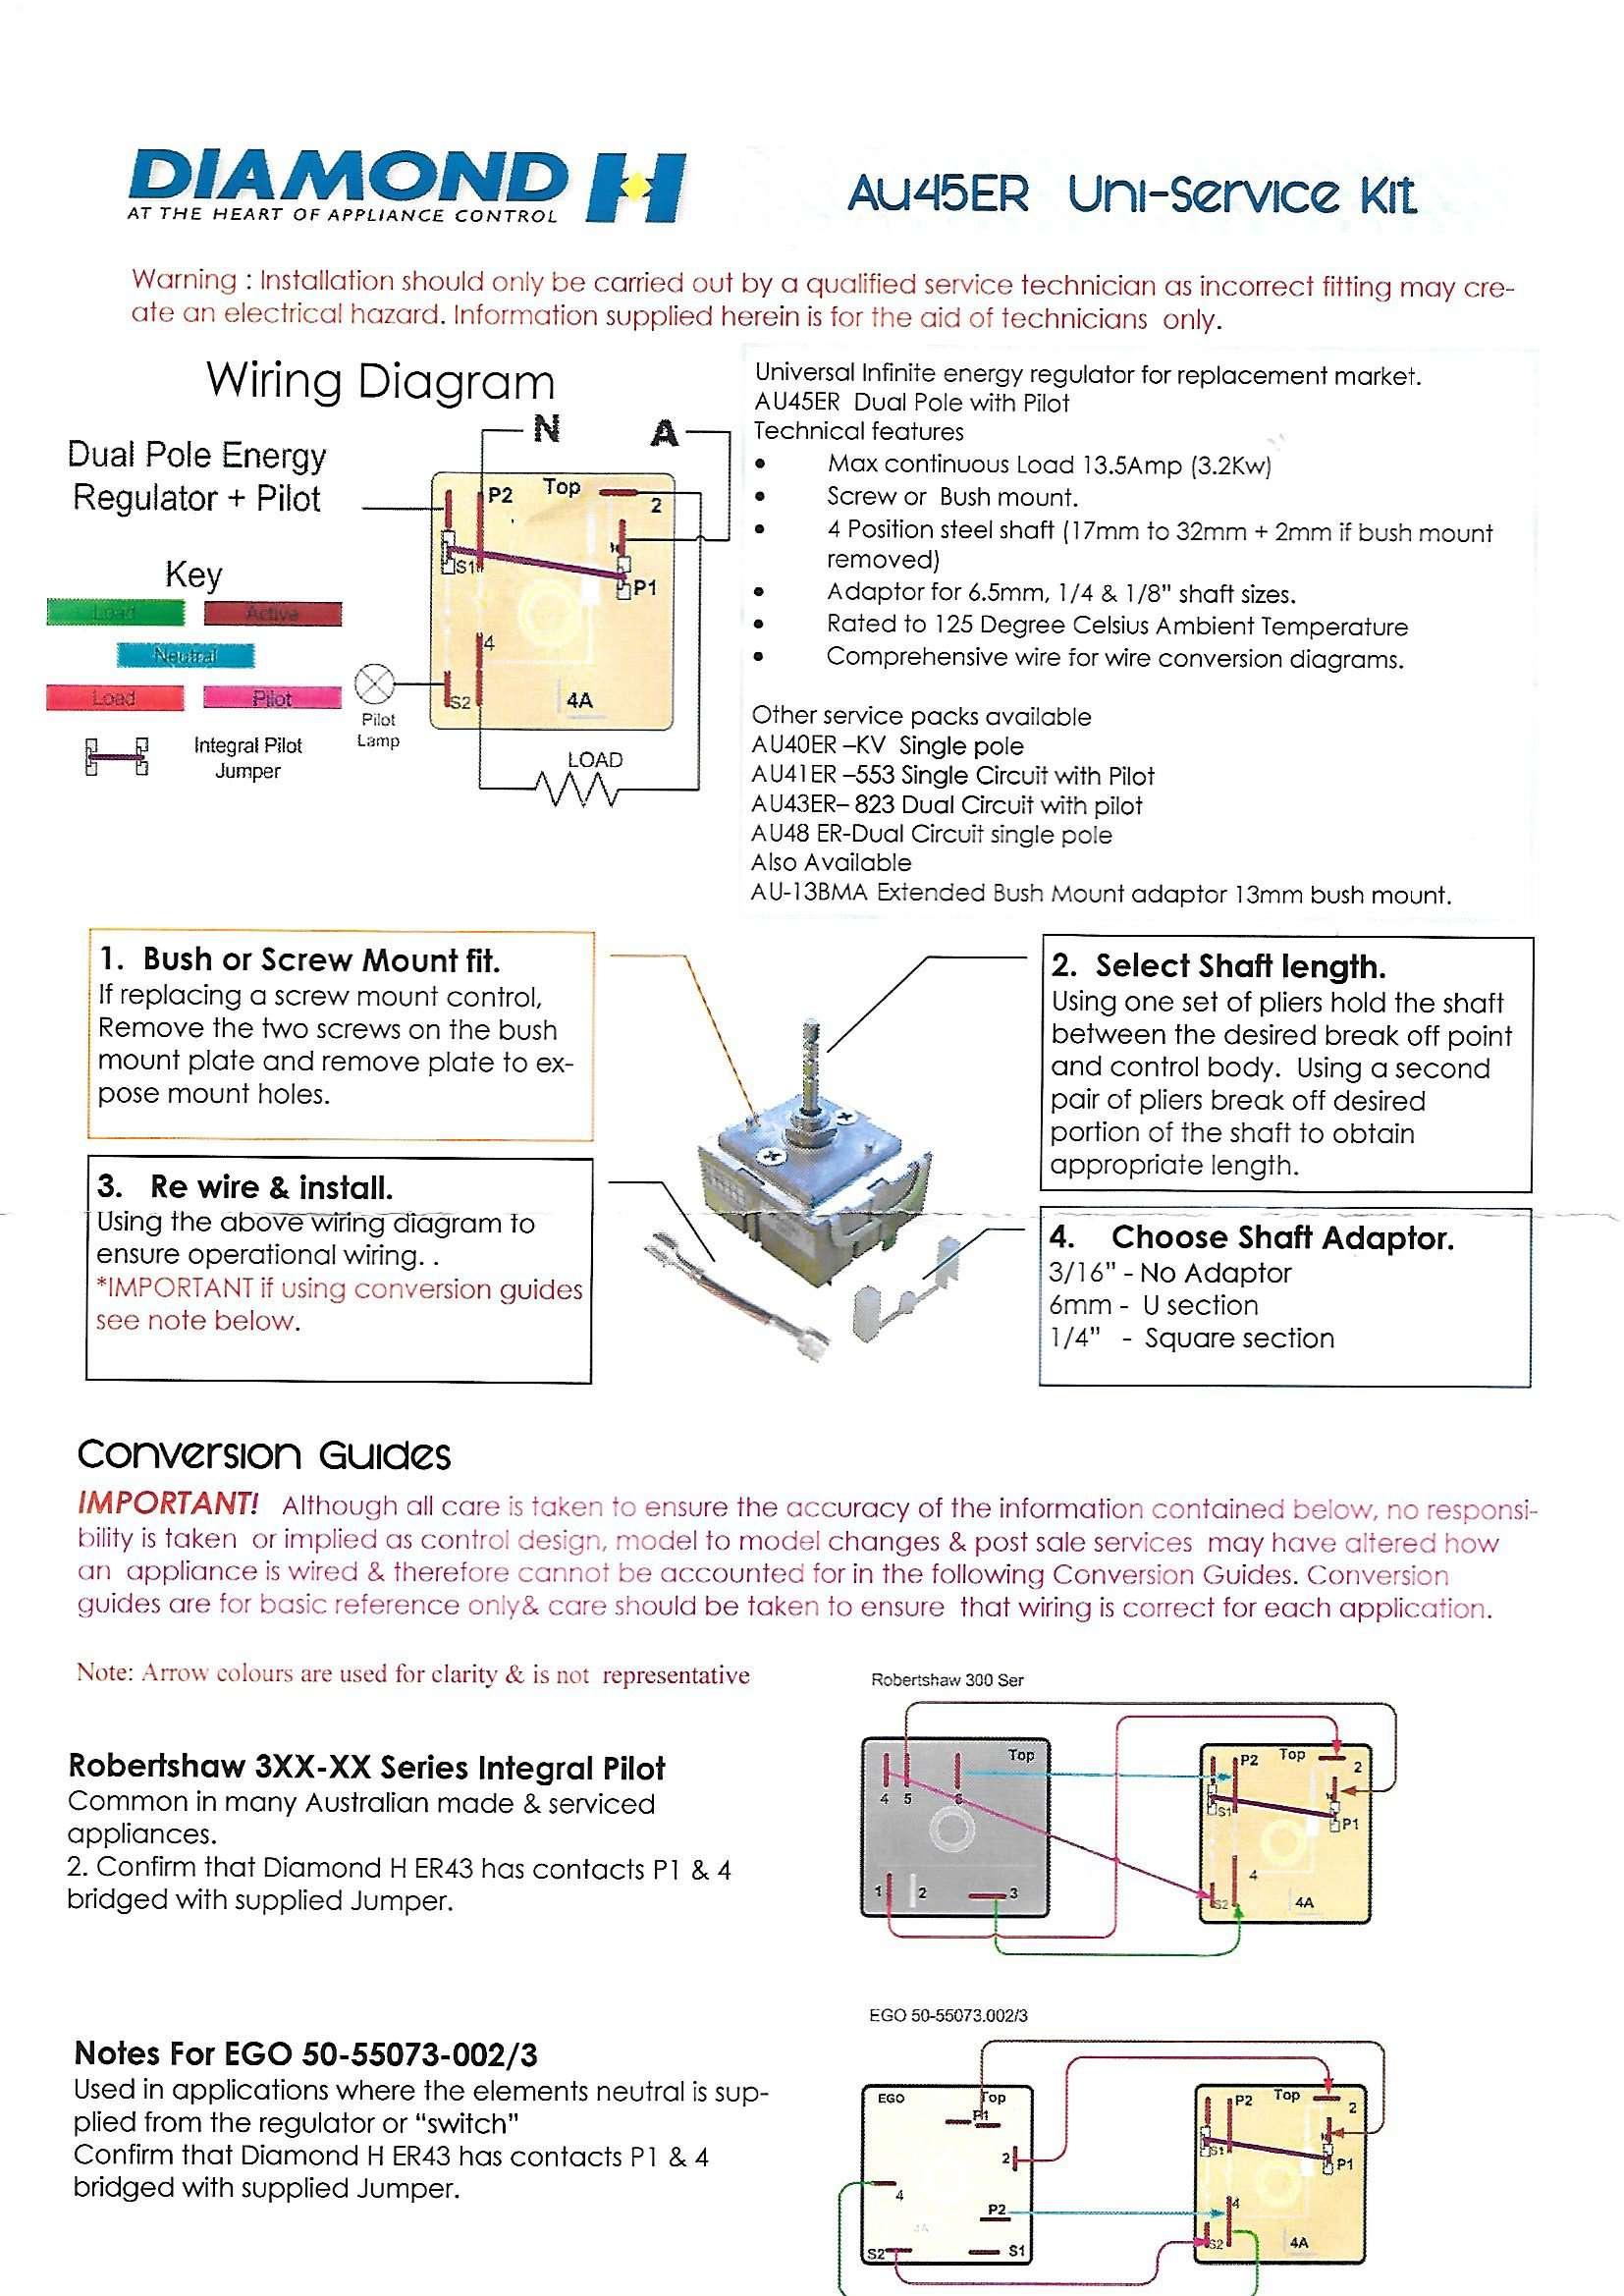 ego wiring diagram simple schematic diagram ID Ego Super Ego Scenario wiring diagram for ego simmerstat wiring diagram blog data ego heating element wiring diagram ego wiring diagram